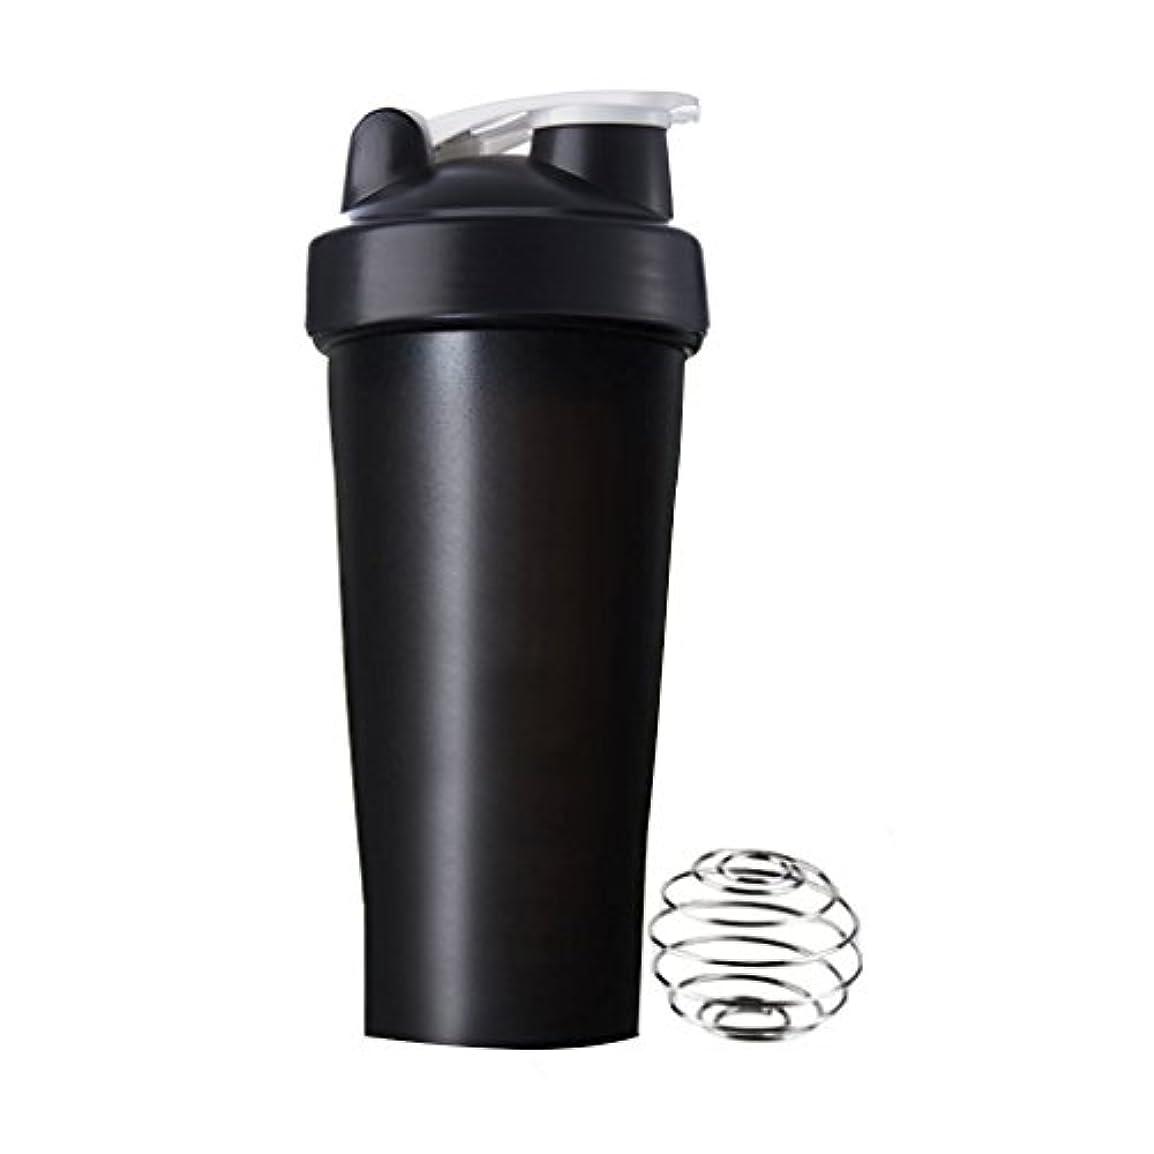 ドームおもしろい石油Sports Pro プロテインシェイカー 600ml シェーカーボトル (ブラック)